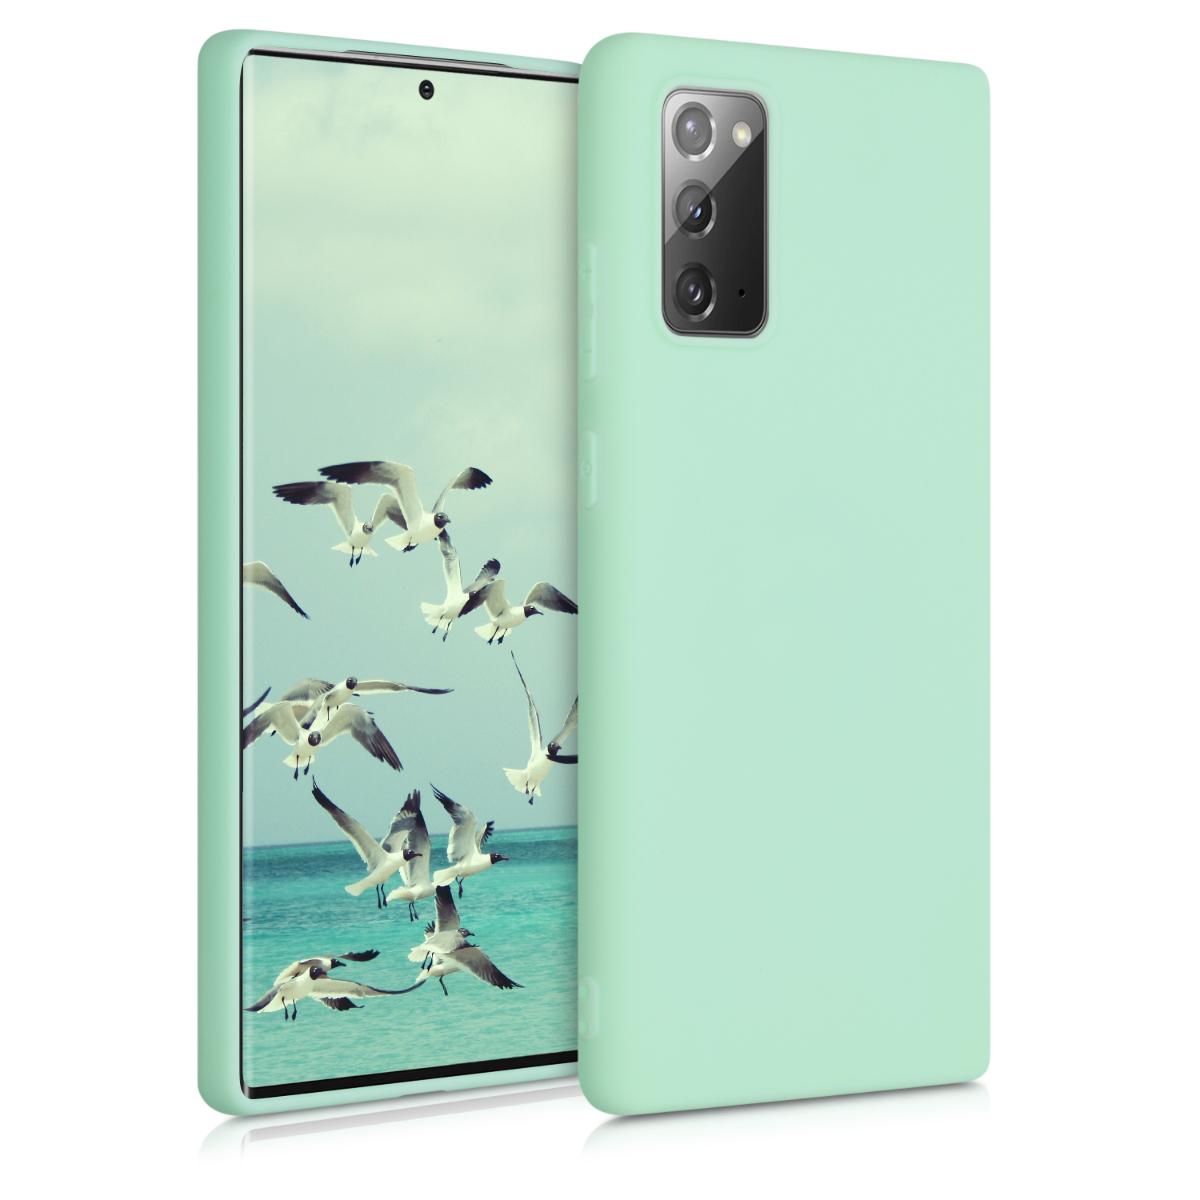 Kvalitní silikonové TPU pouzdro pro Samsung Note 20 - Mint Matte